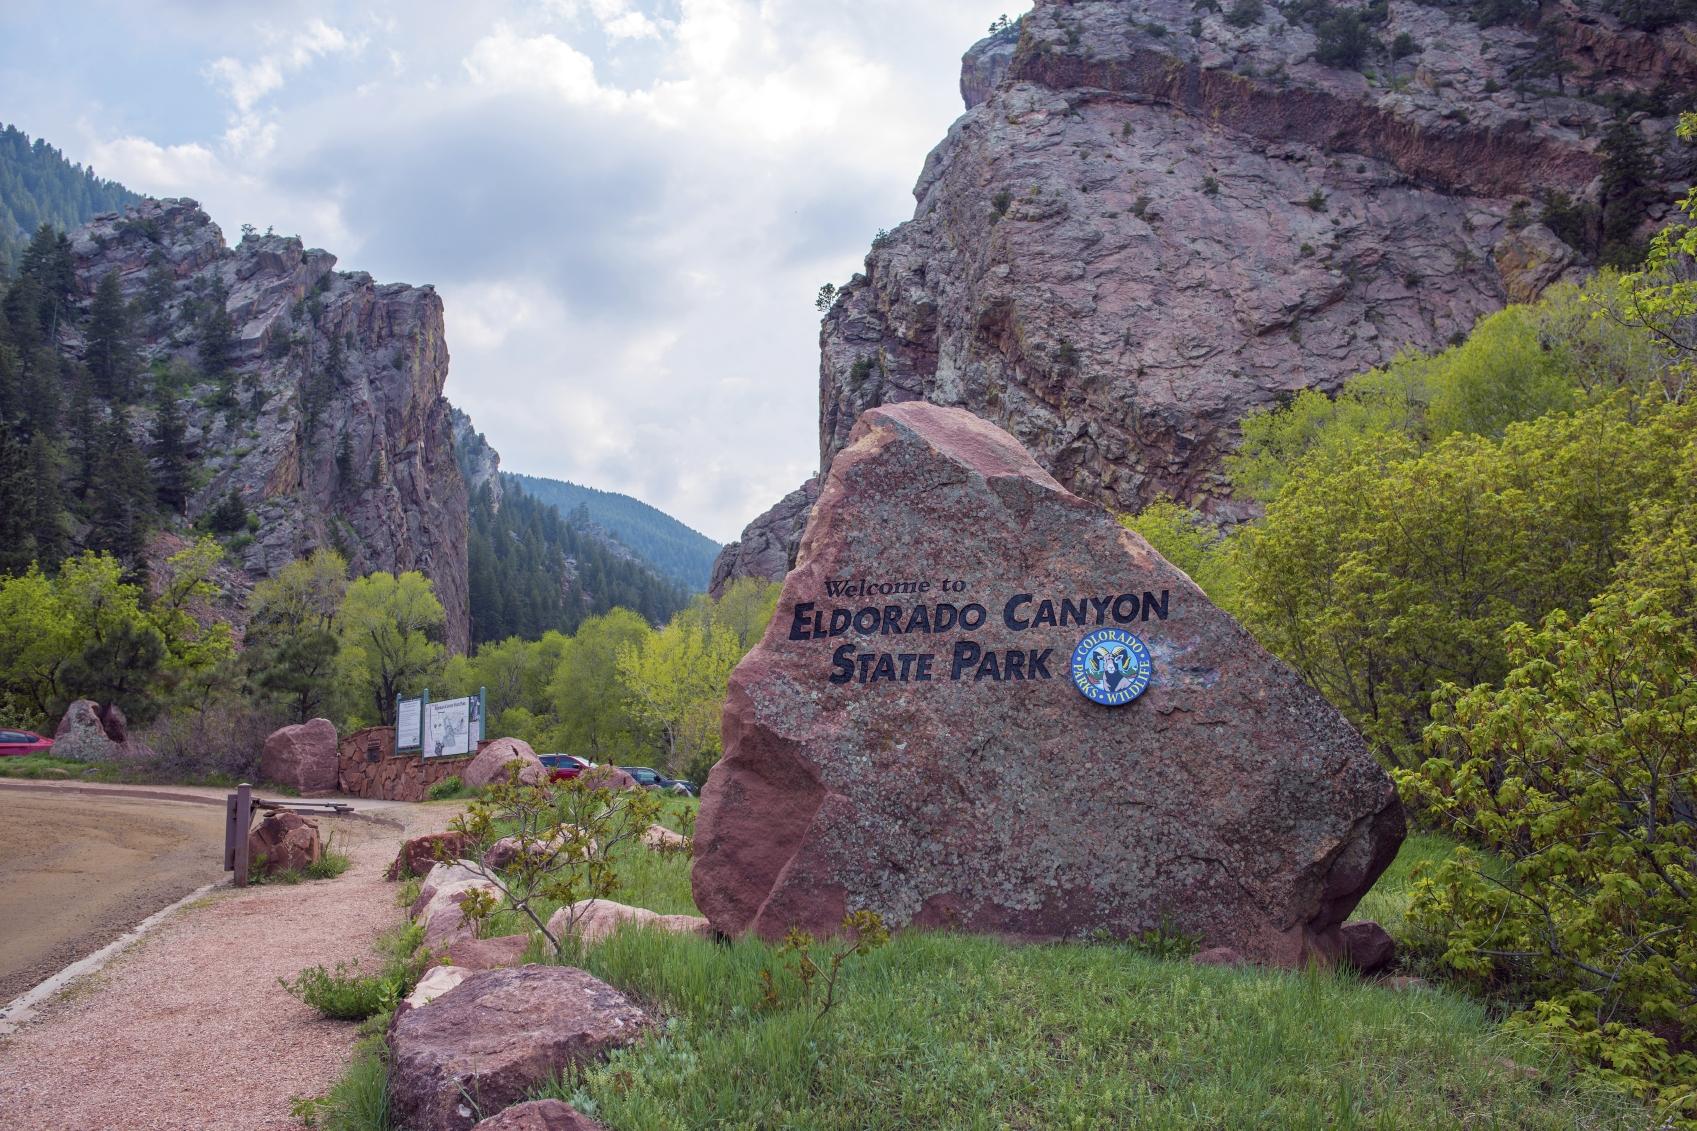 Photo: Eldorado Canyon State Park (iStockphoto)